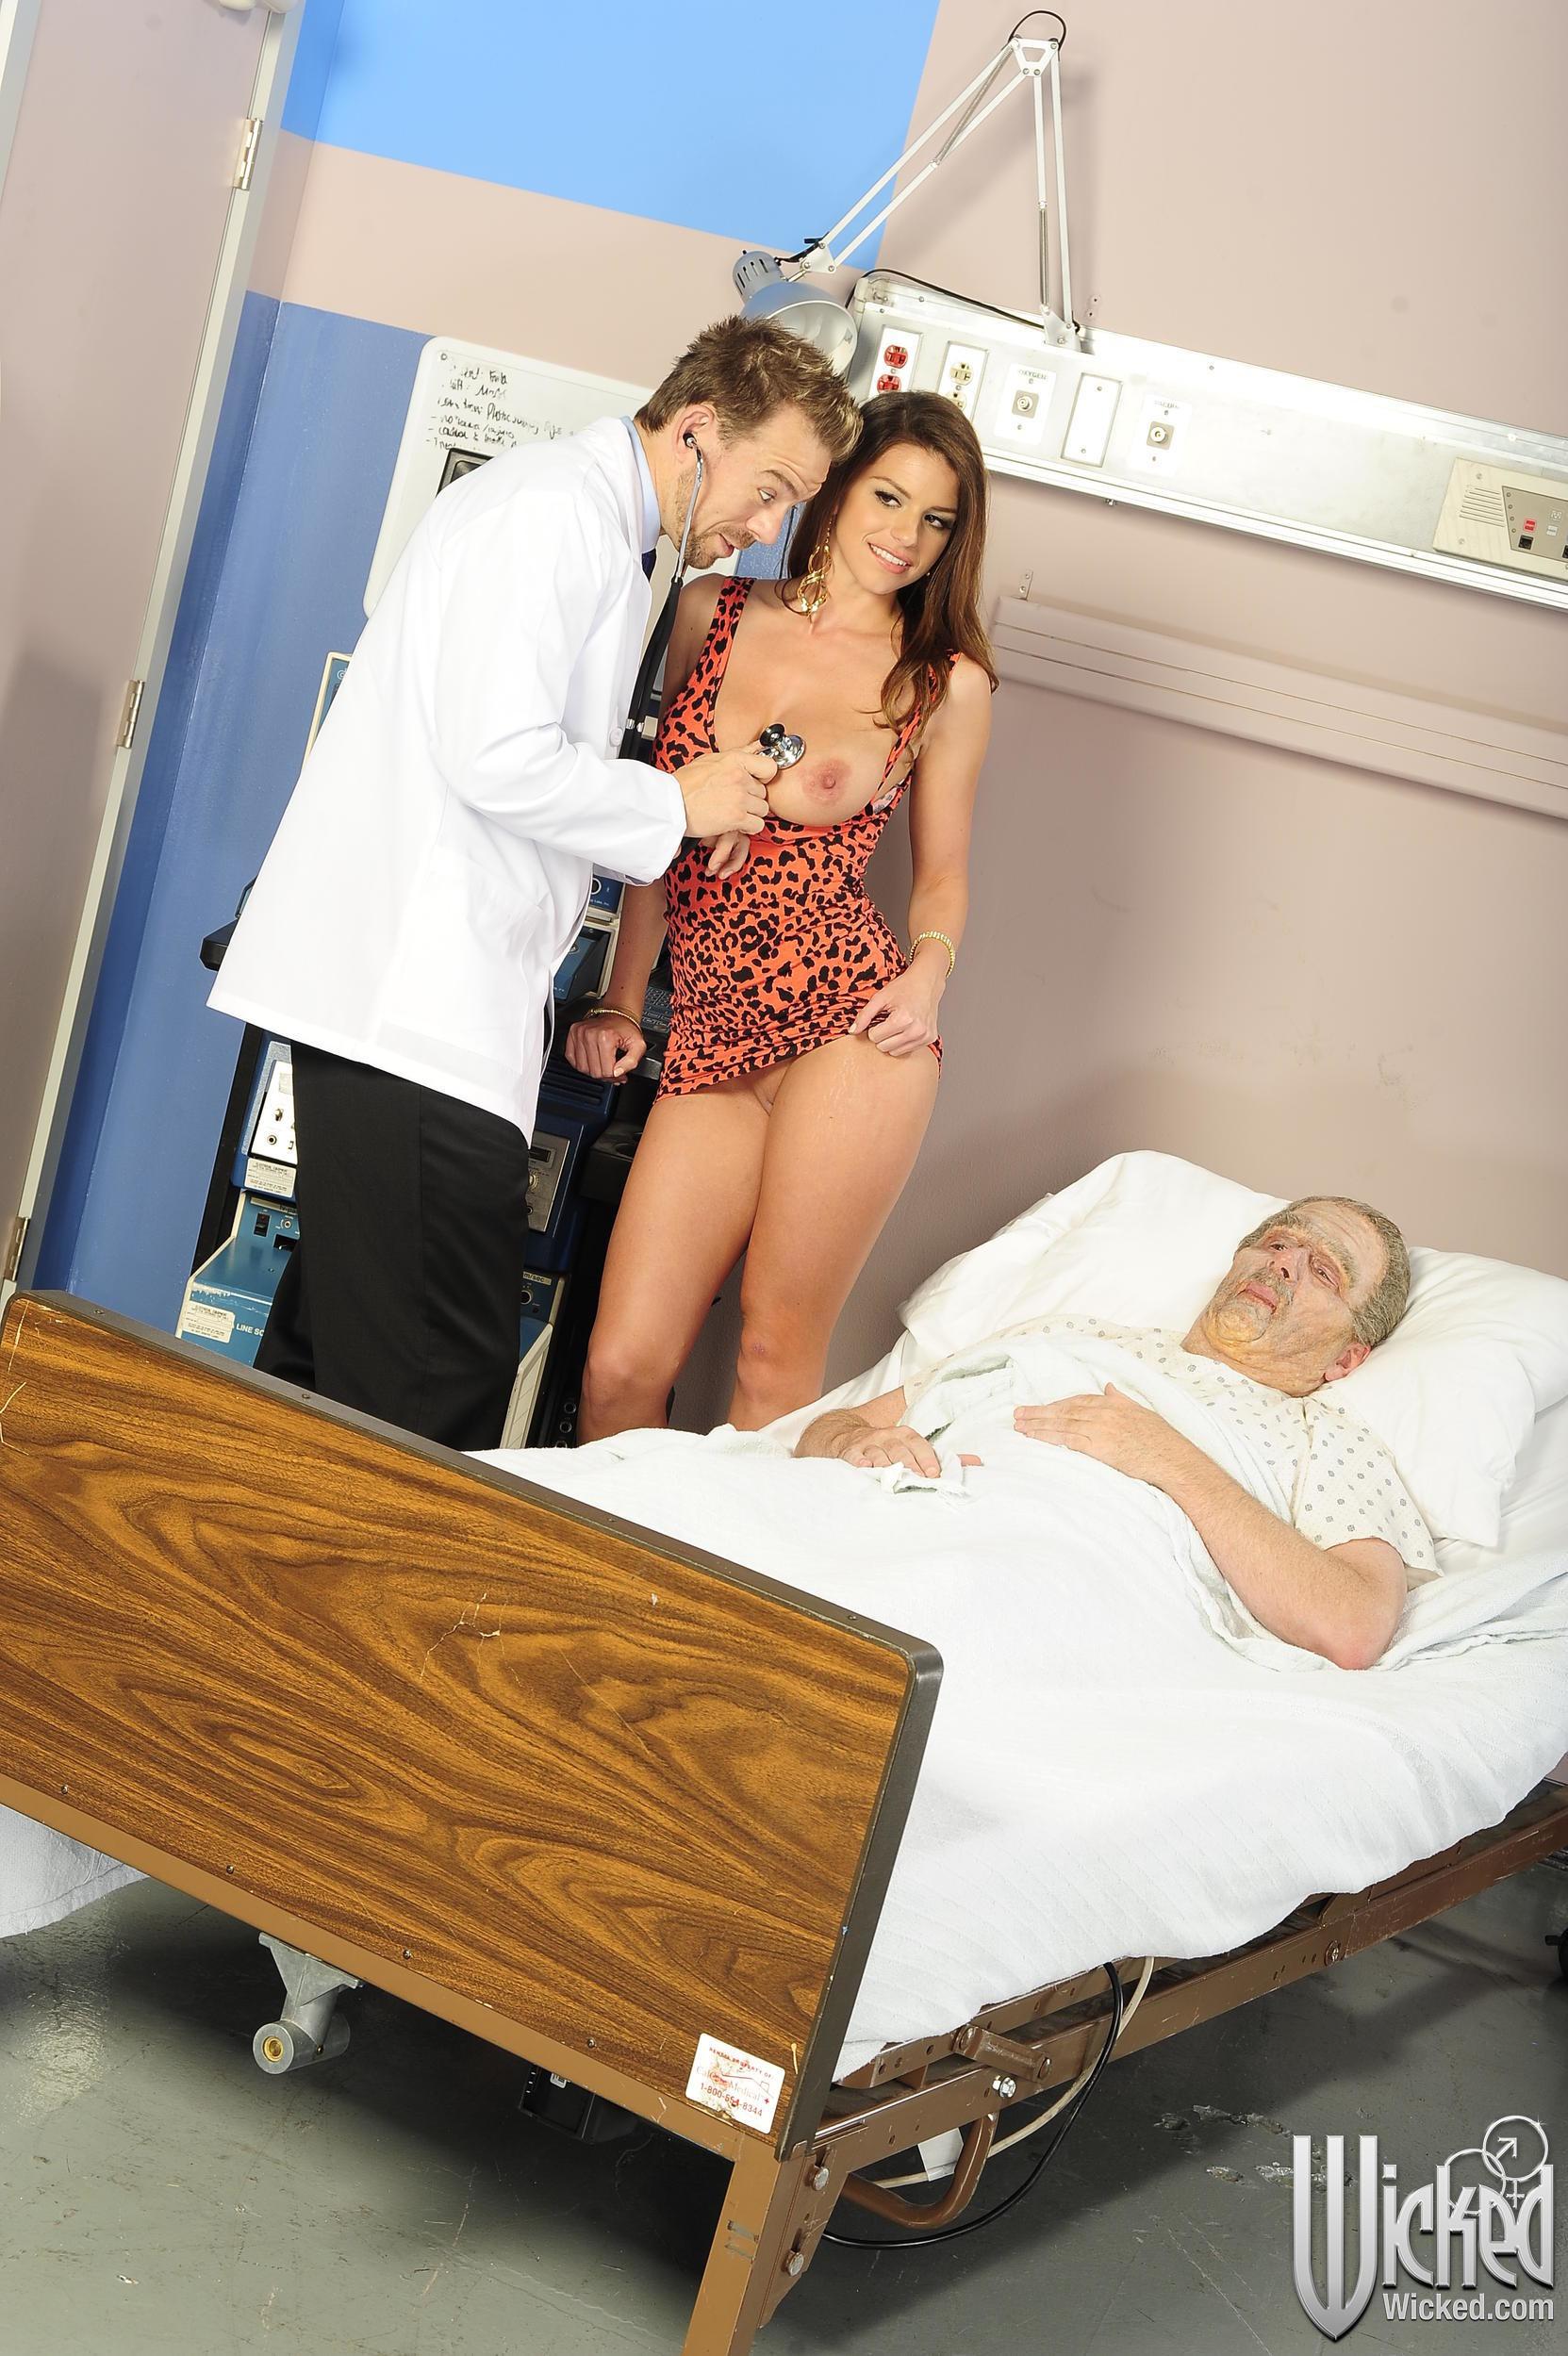 Пока пациент, к которому пришла симпатичная девица спит, врач решил ее занять чем-нибудь, а именно его членом